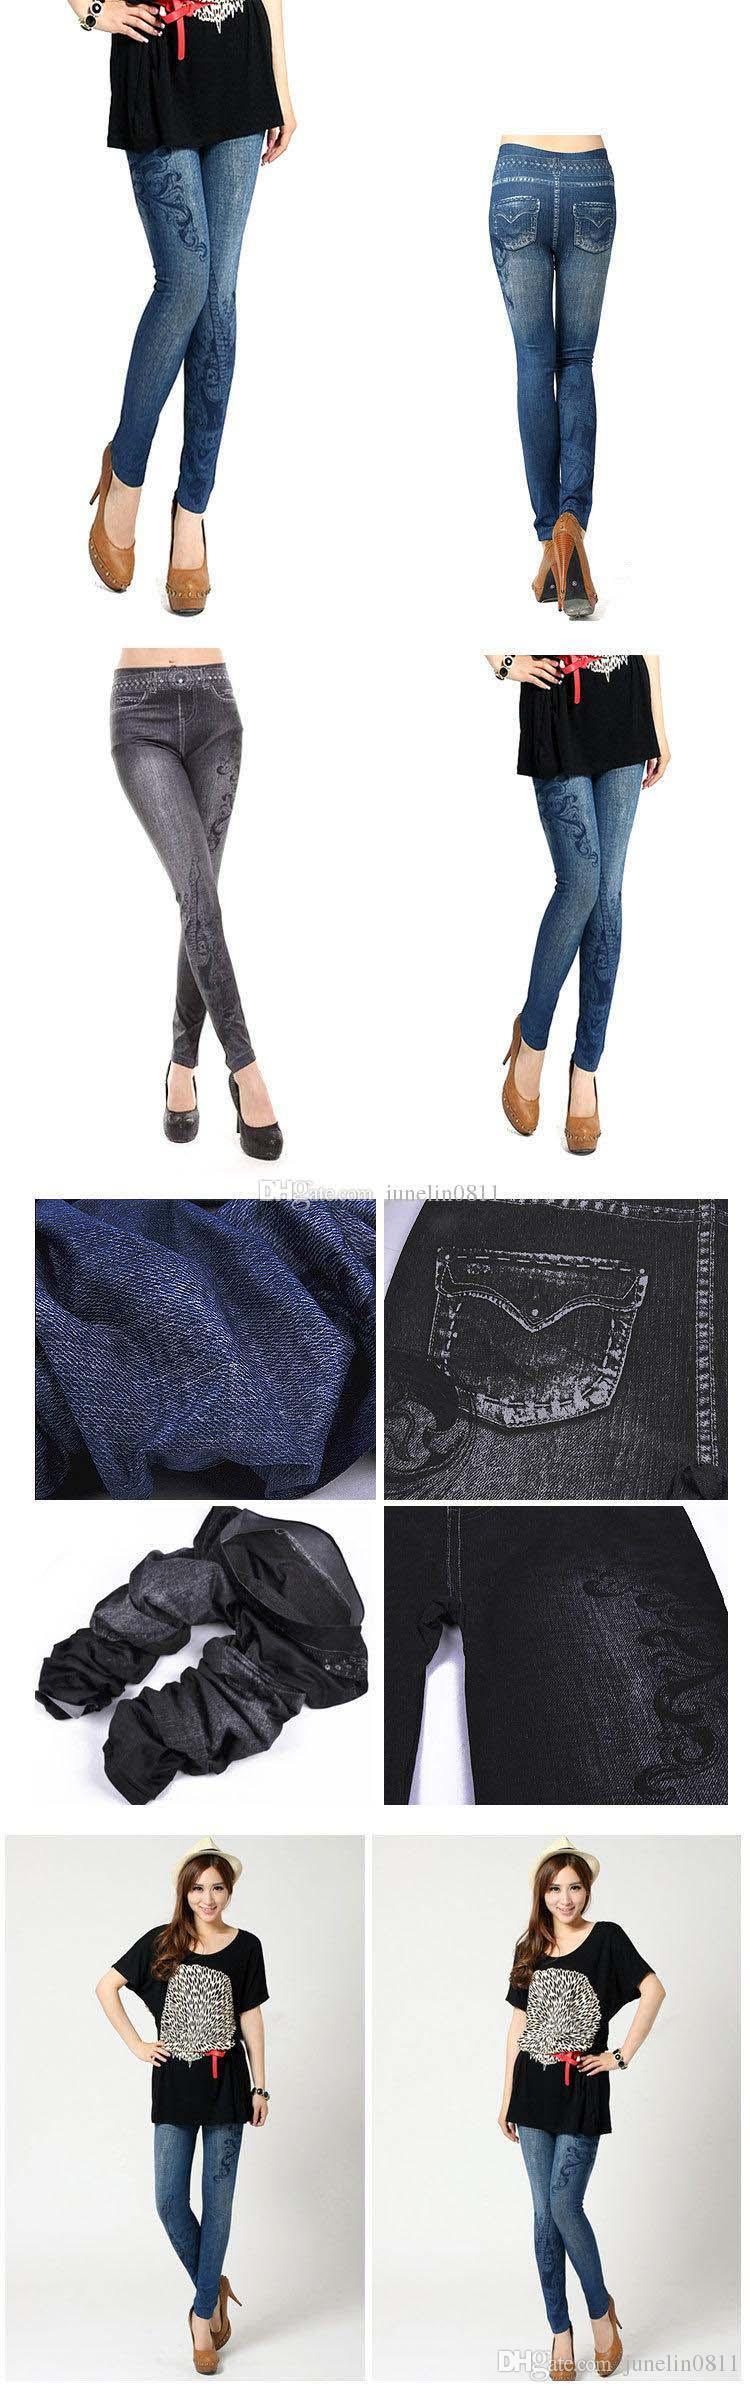 best website ab70a a75b5 leggings-gratuits-pour-les-femmes-leggings.jpg